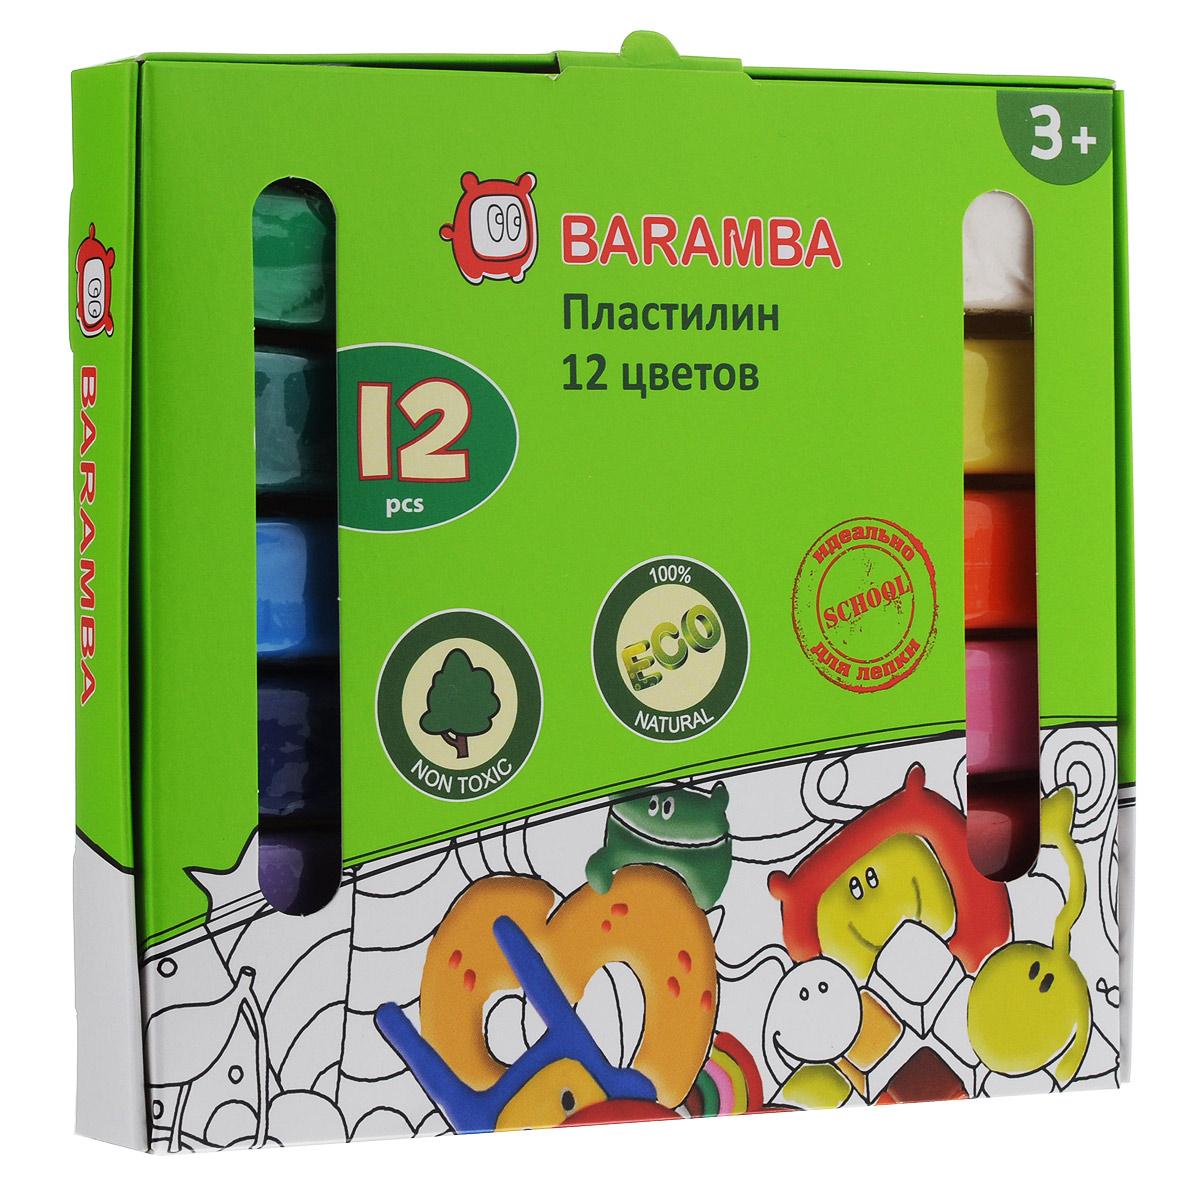 Пластилин на растительной основе  Baramba , 12 цветов -  Пластилин